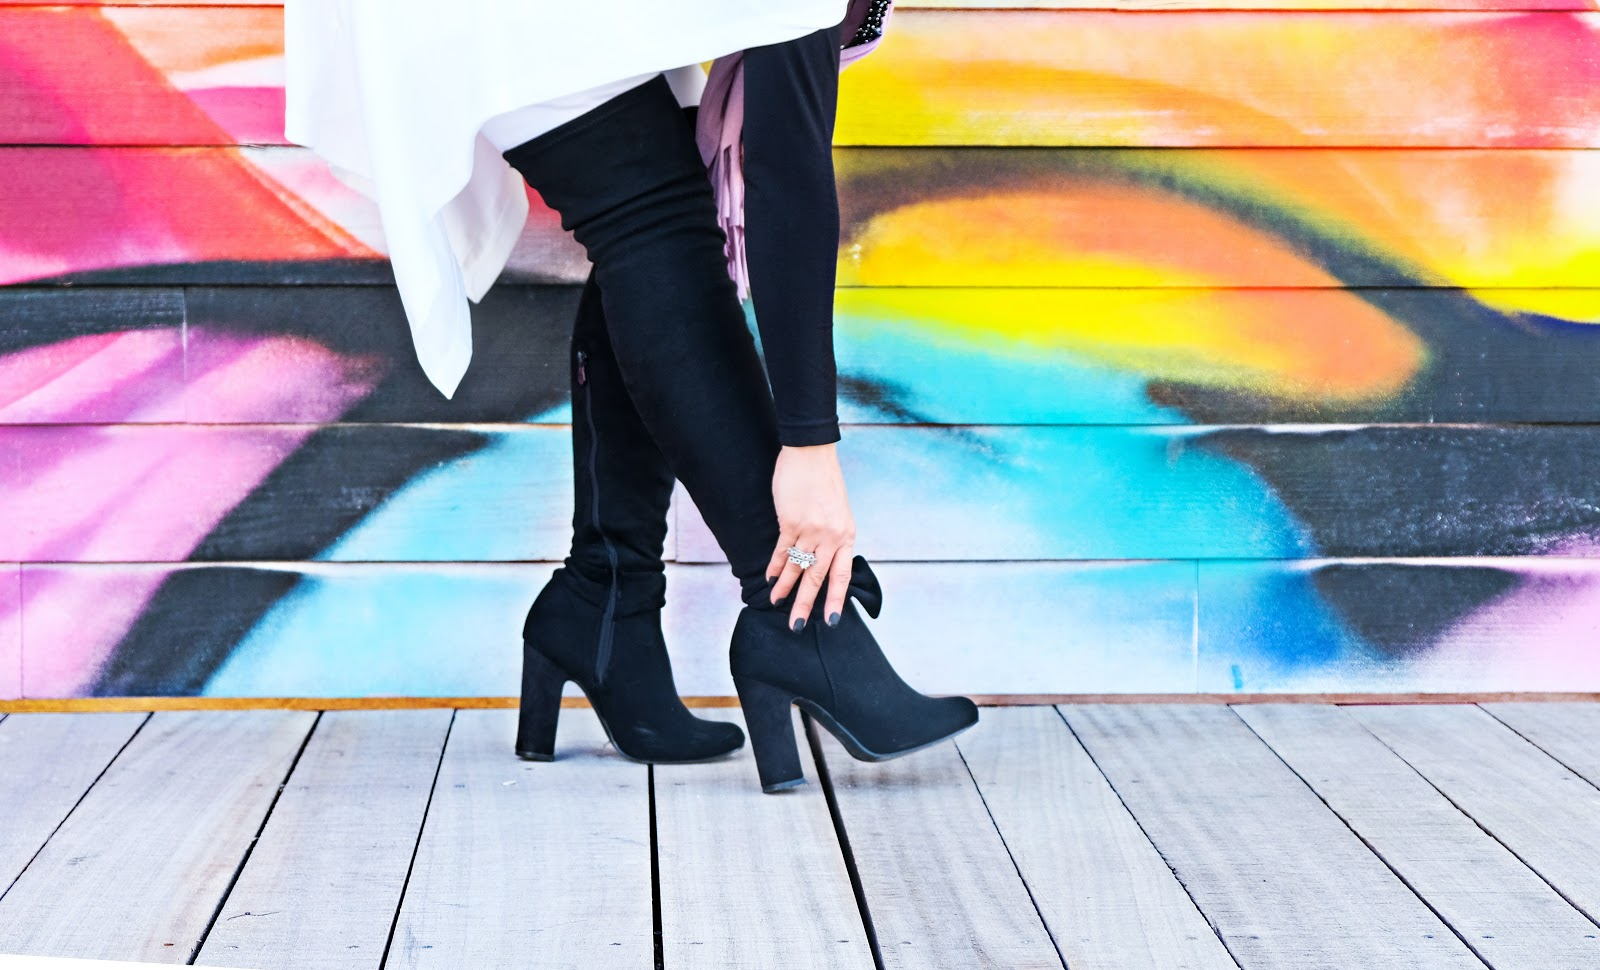 (P) Tu știi câte tipuri de cizme există?